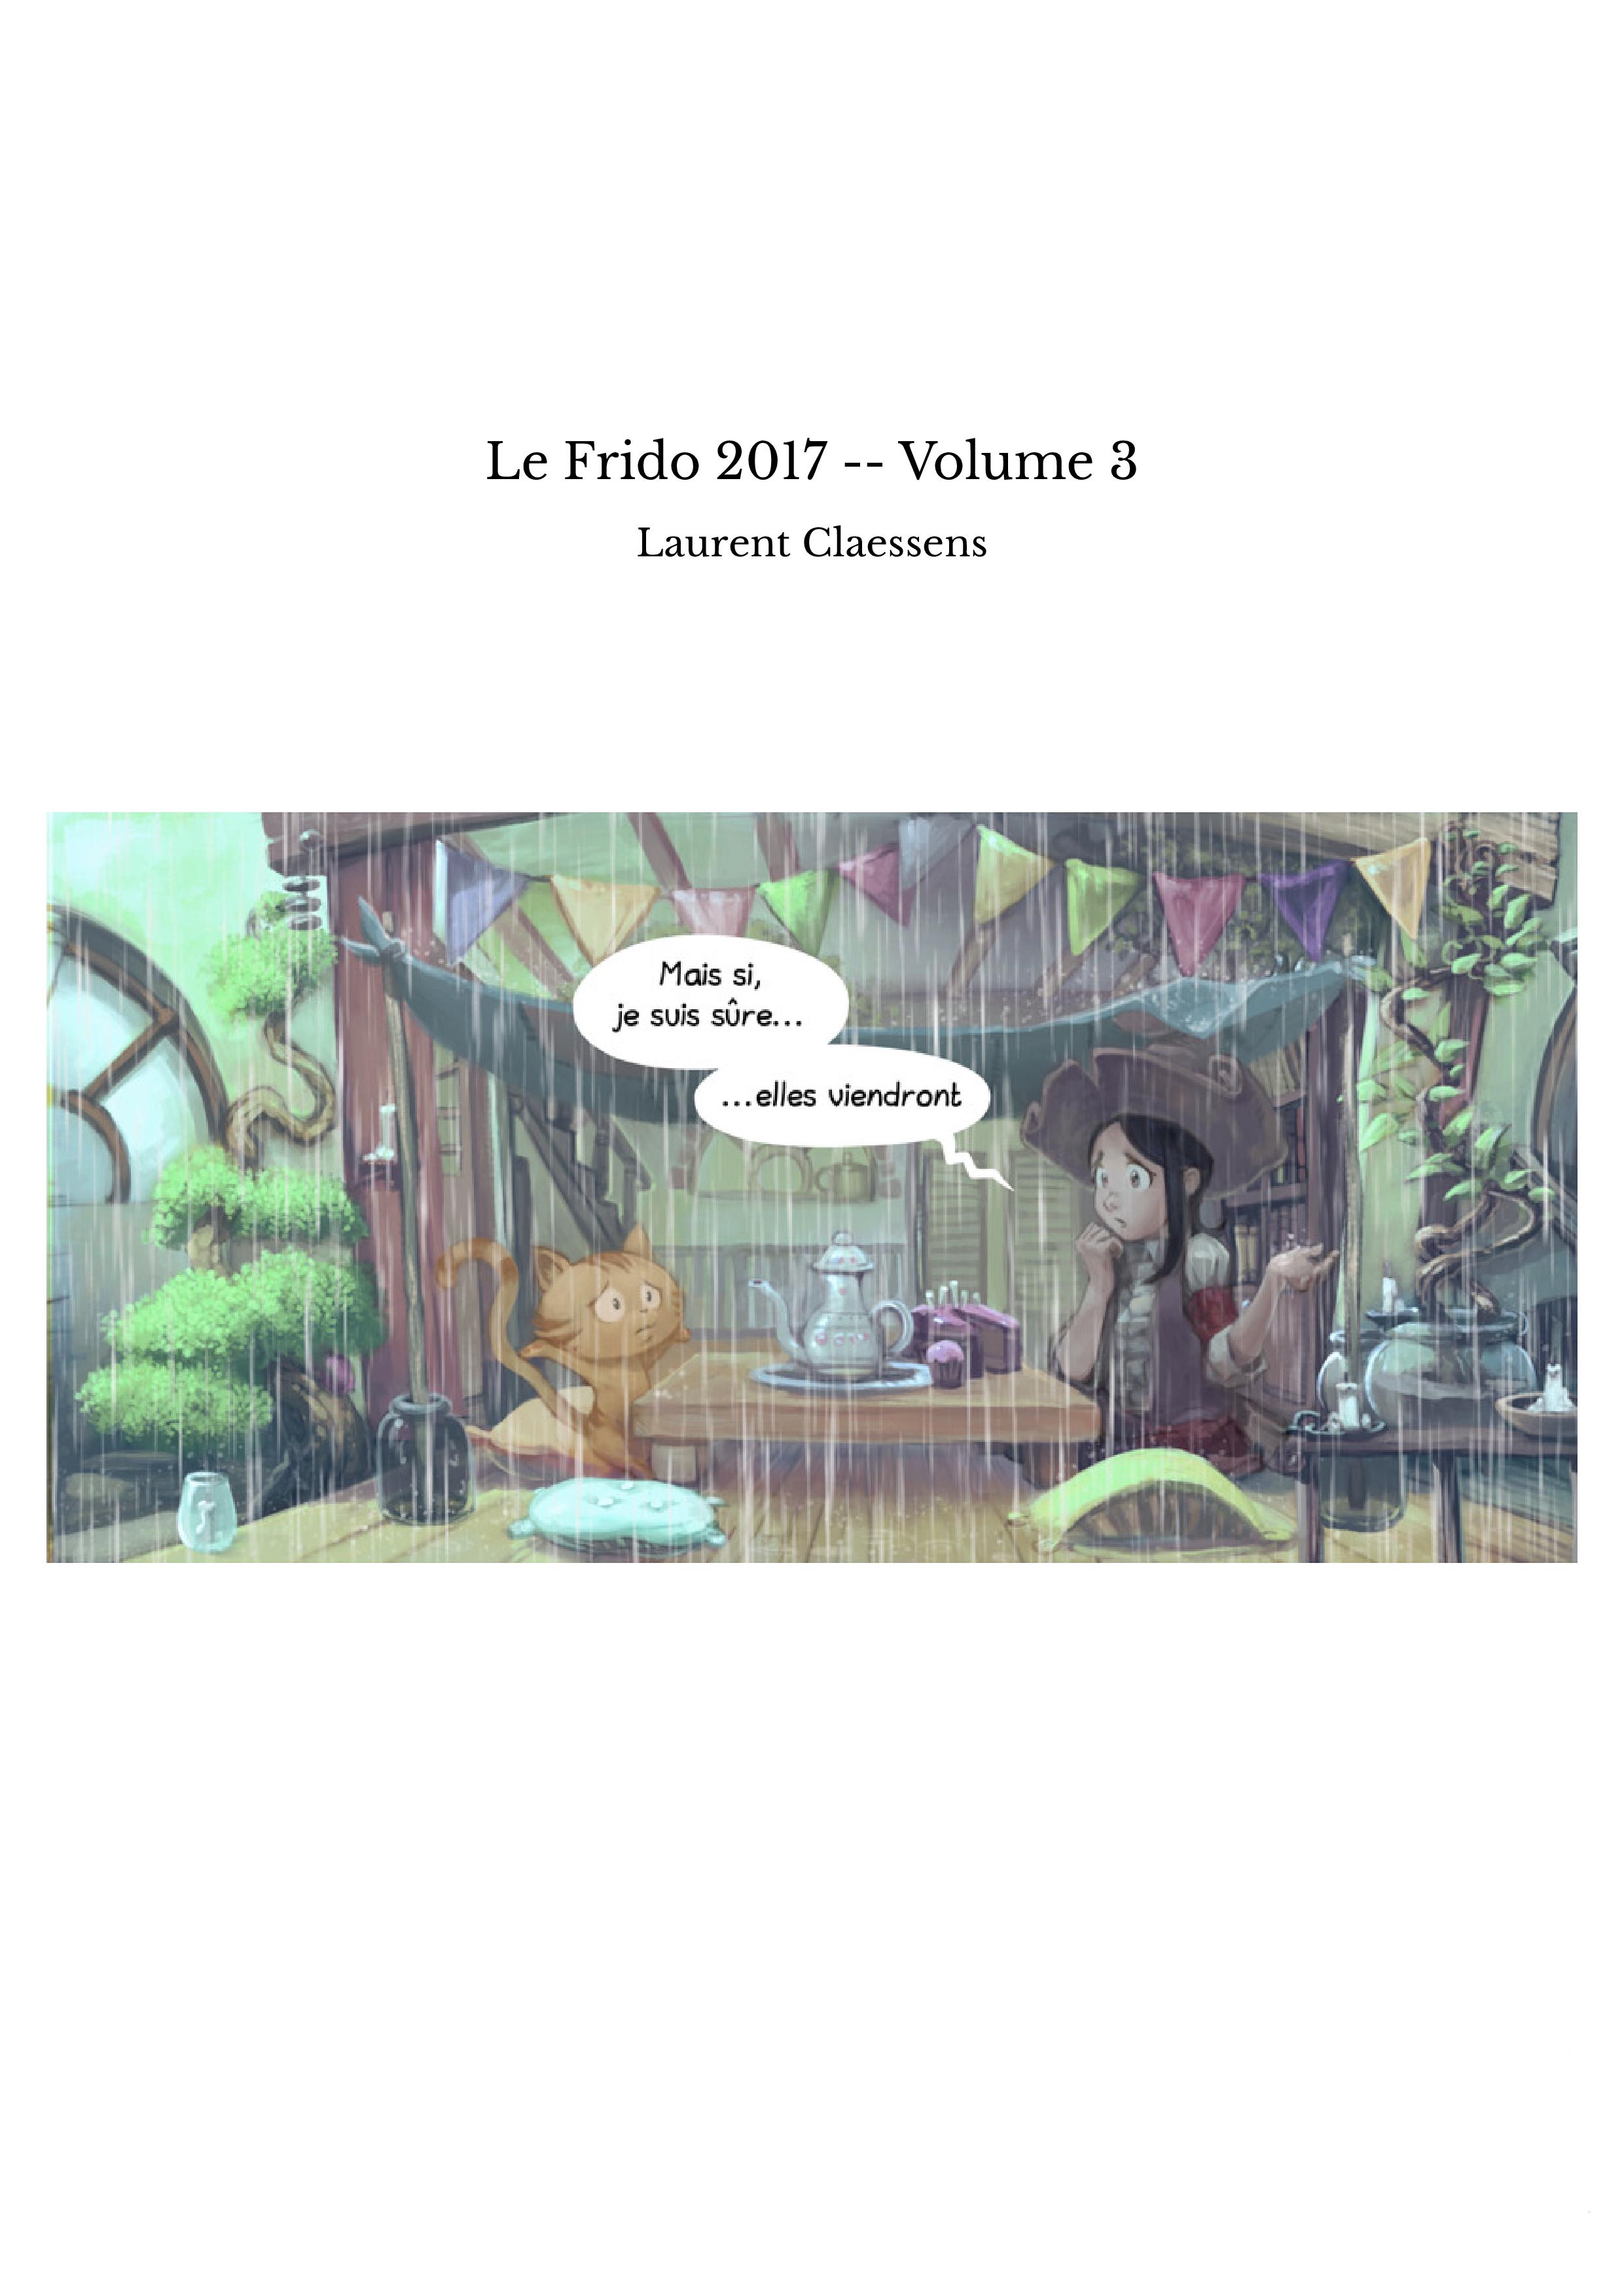 Le Frido 2017 -- Volume 3